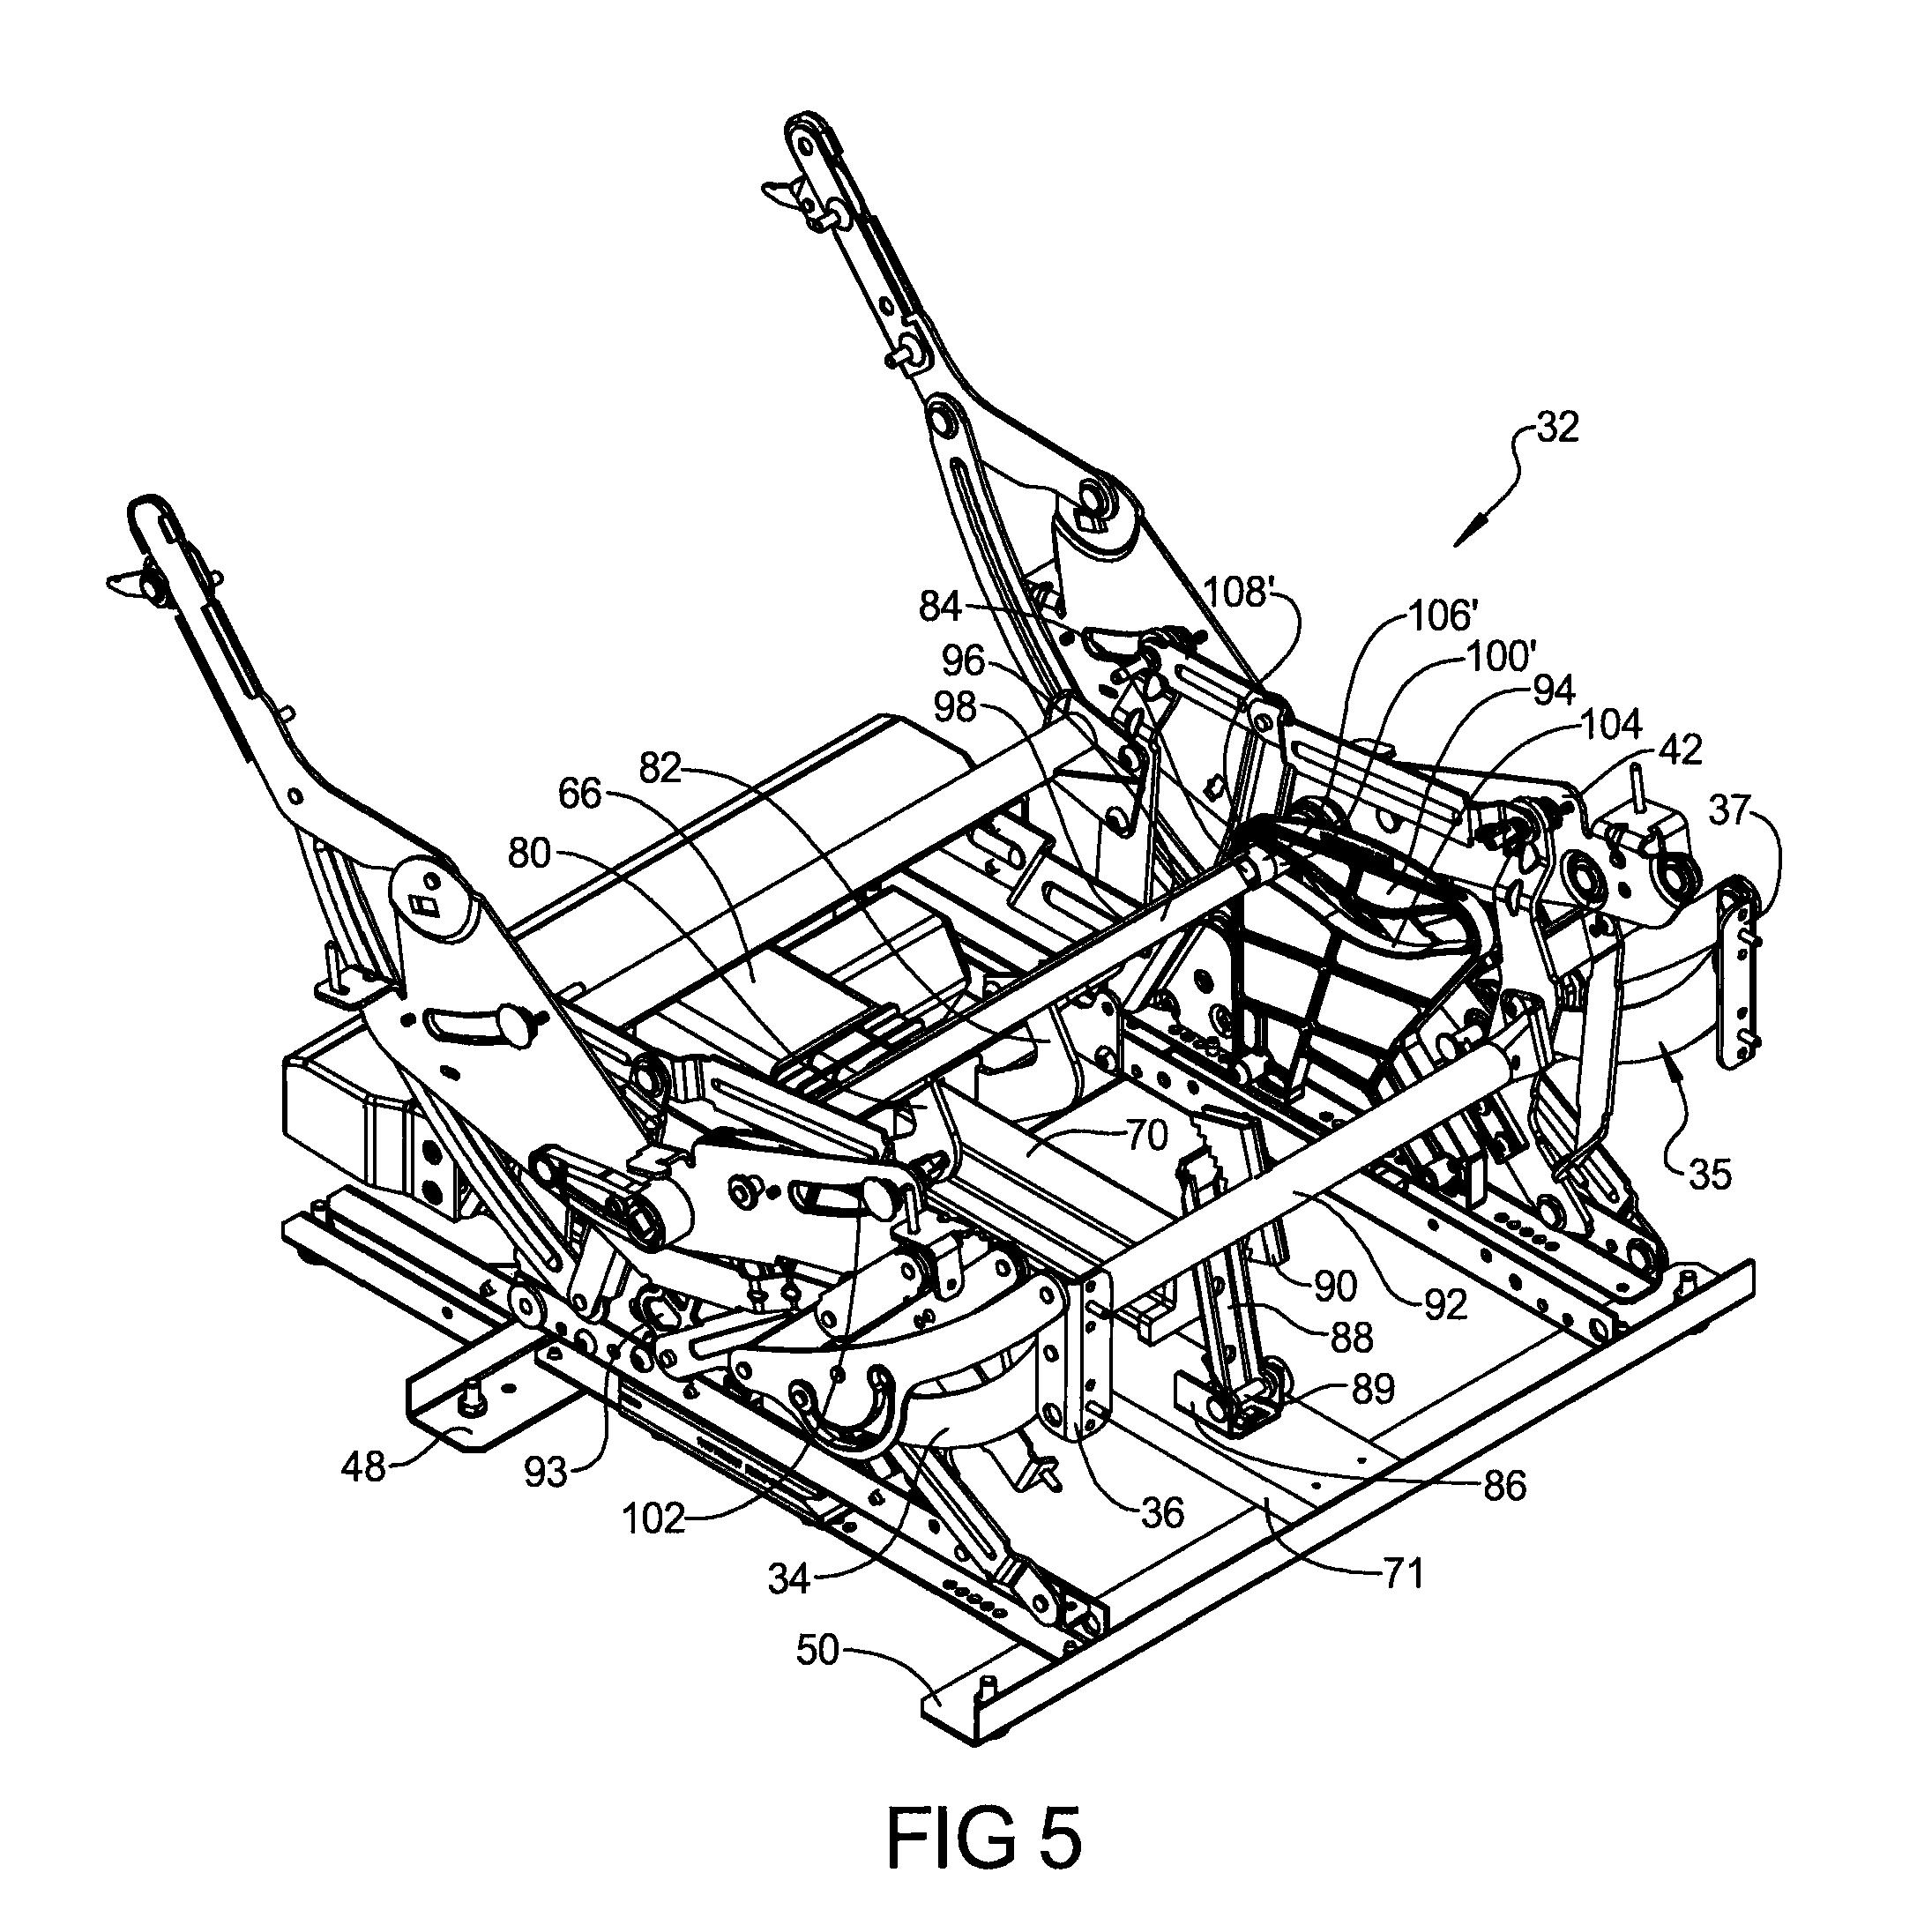 patent us8366188